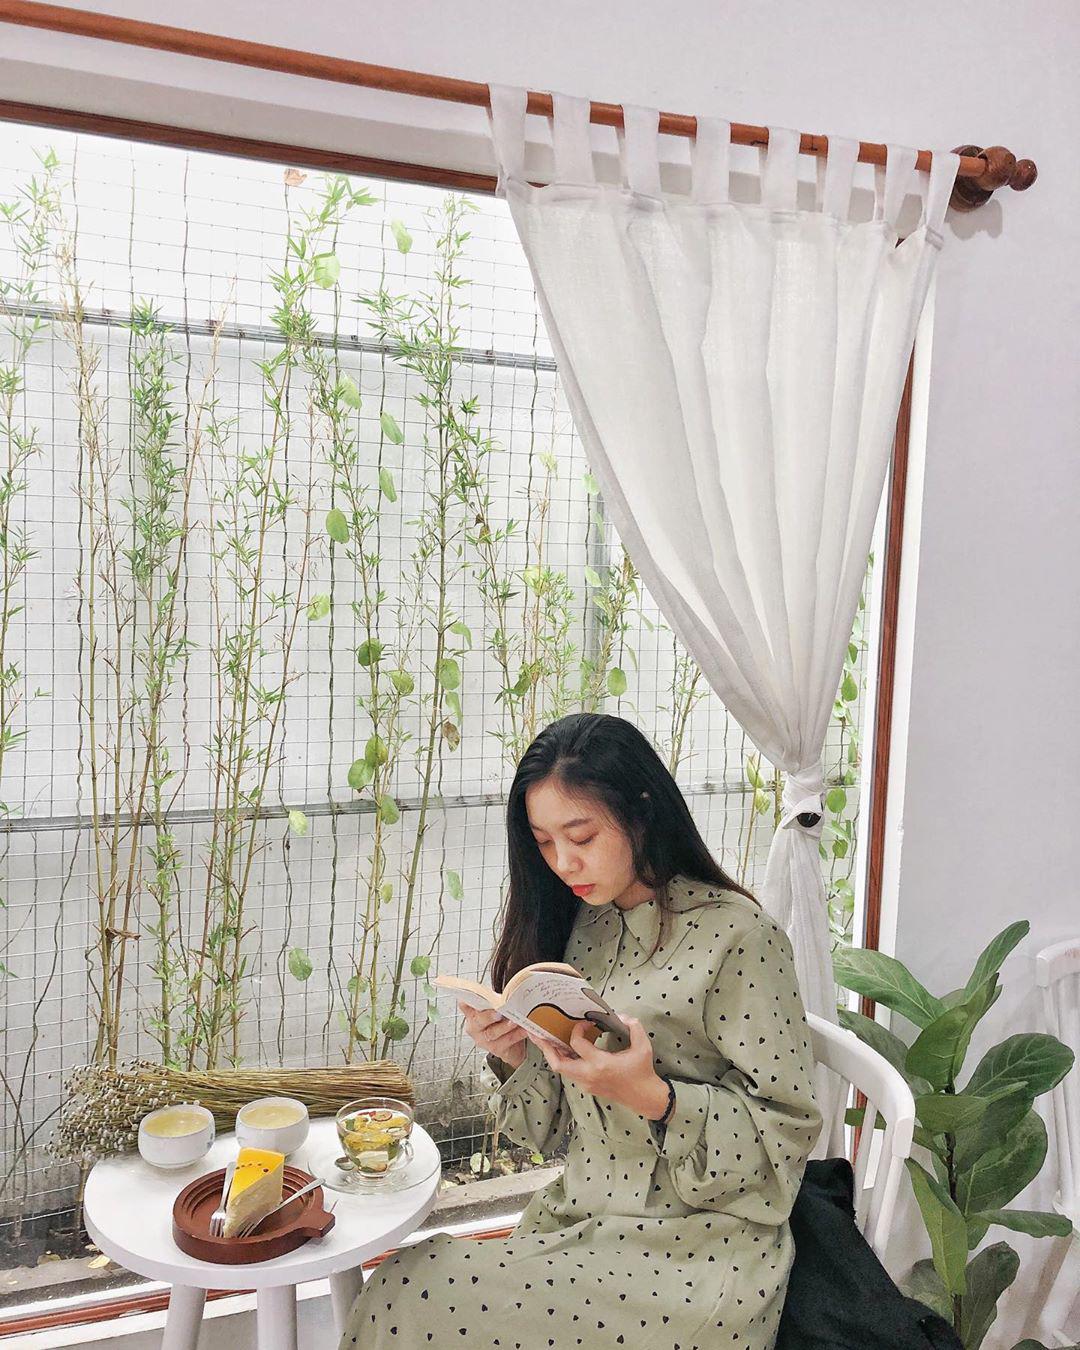 Cafe-dep-tai-dong-nai-28